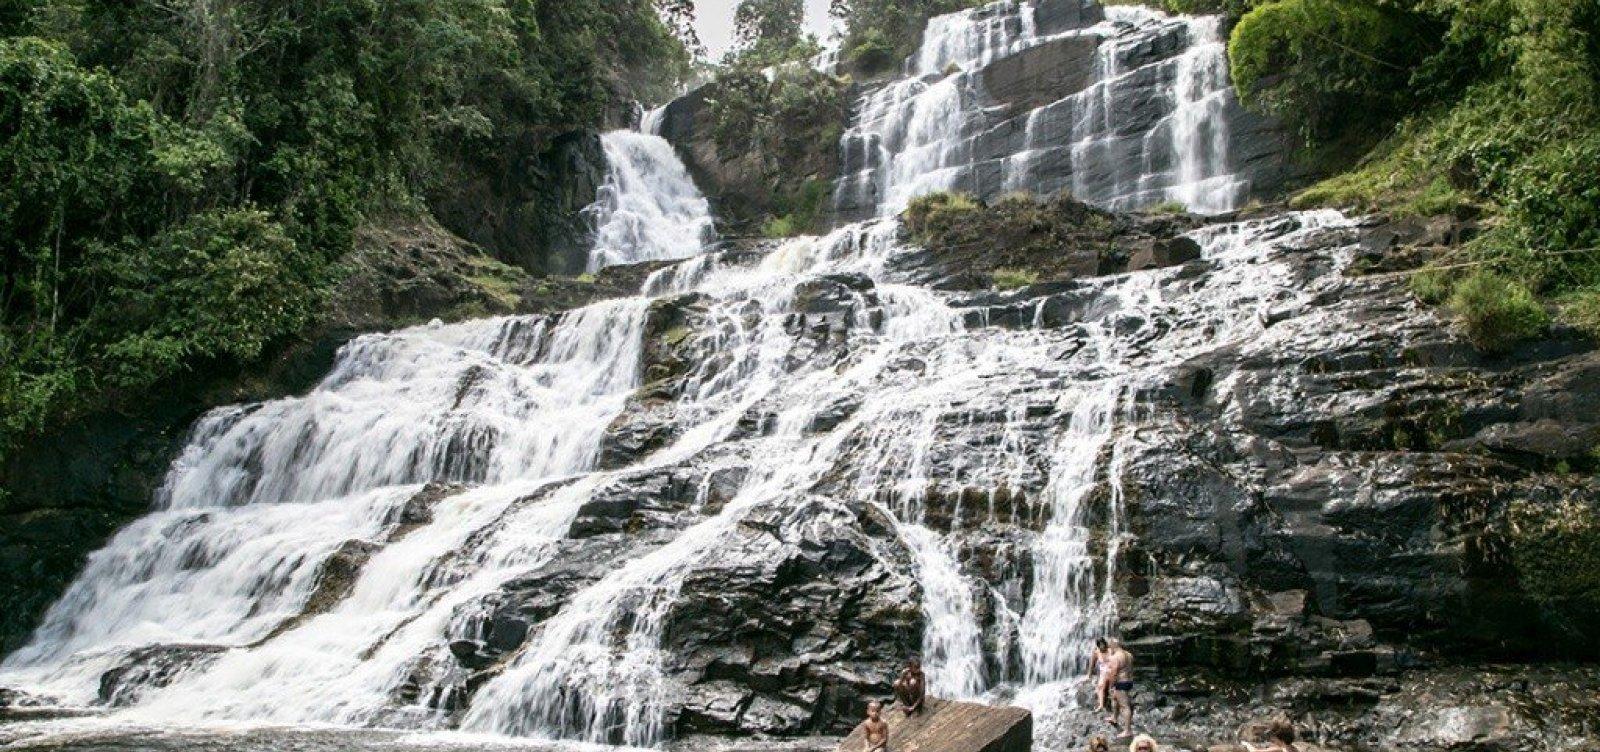 Pancada Grande: maior cachoeira do litoral baiano te convida a desviar o caminho